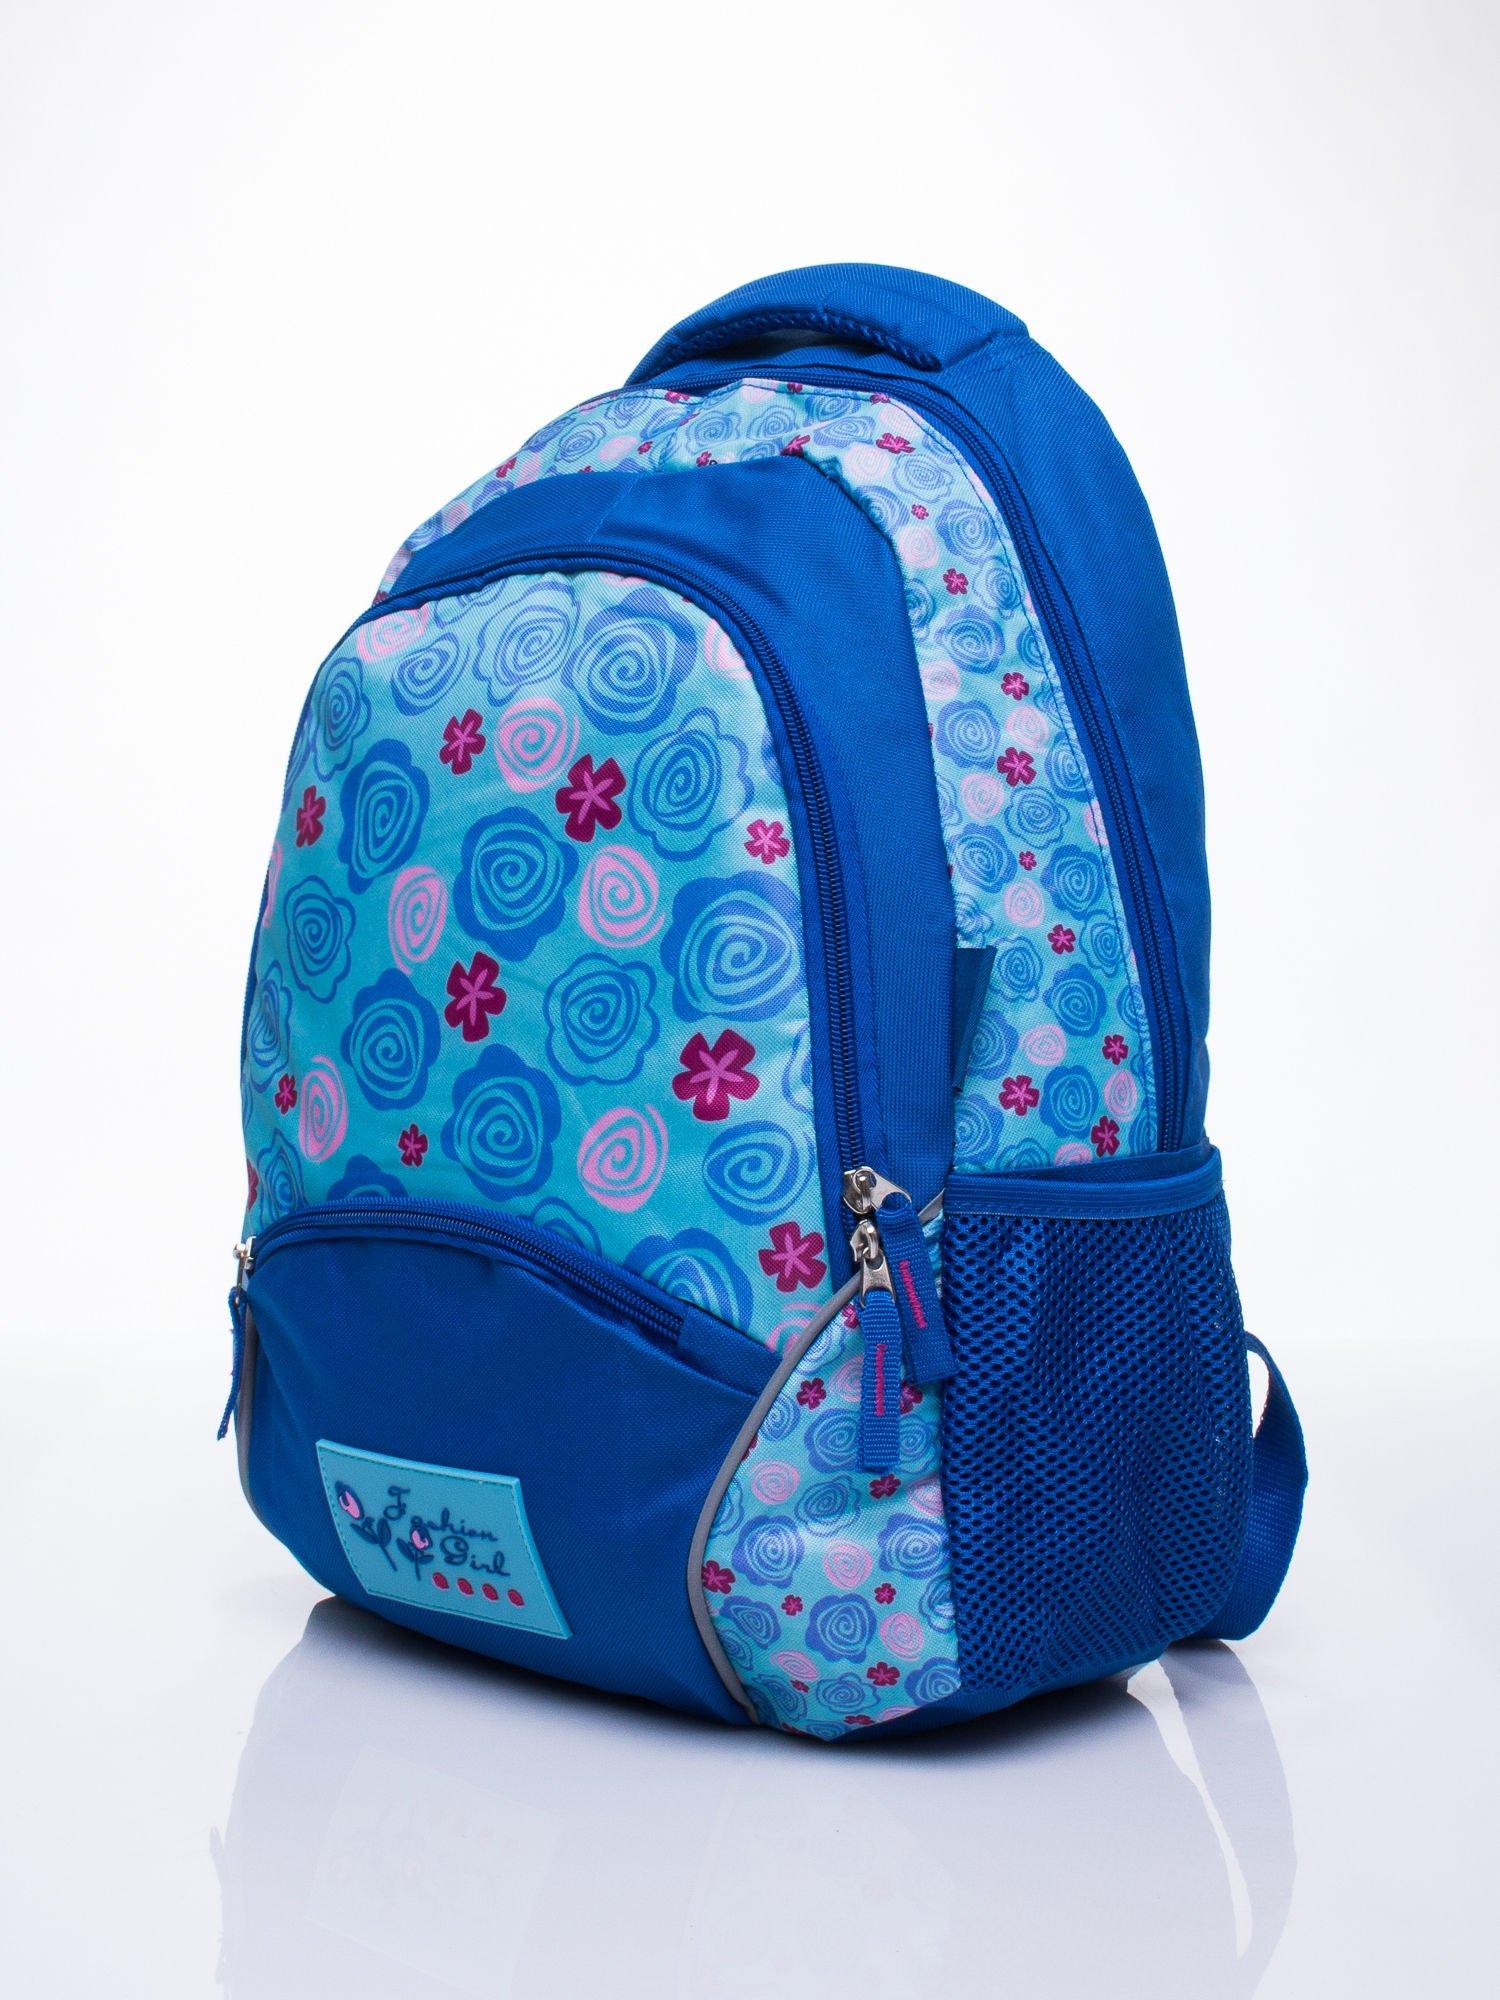 Niebieski plecak szkolny DISNEY w kwiatki                                  zdj.                                  2